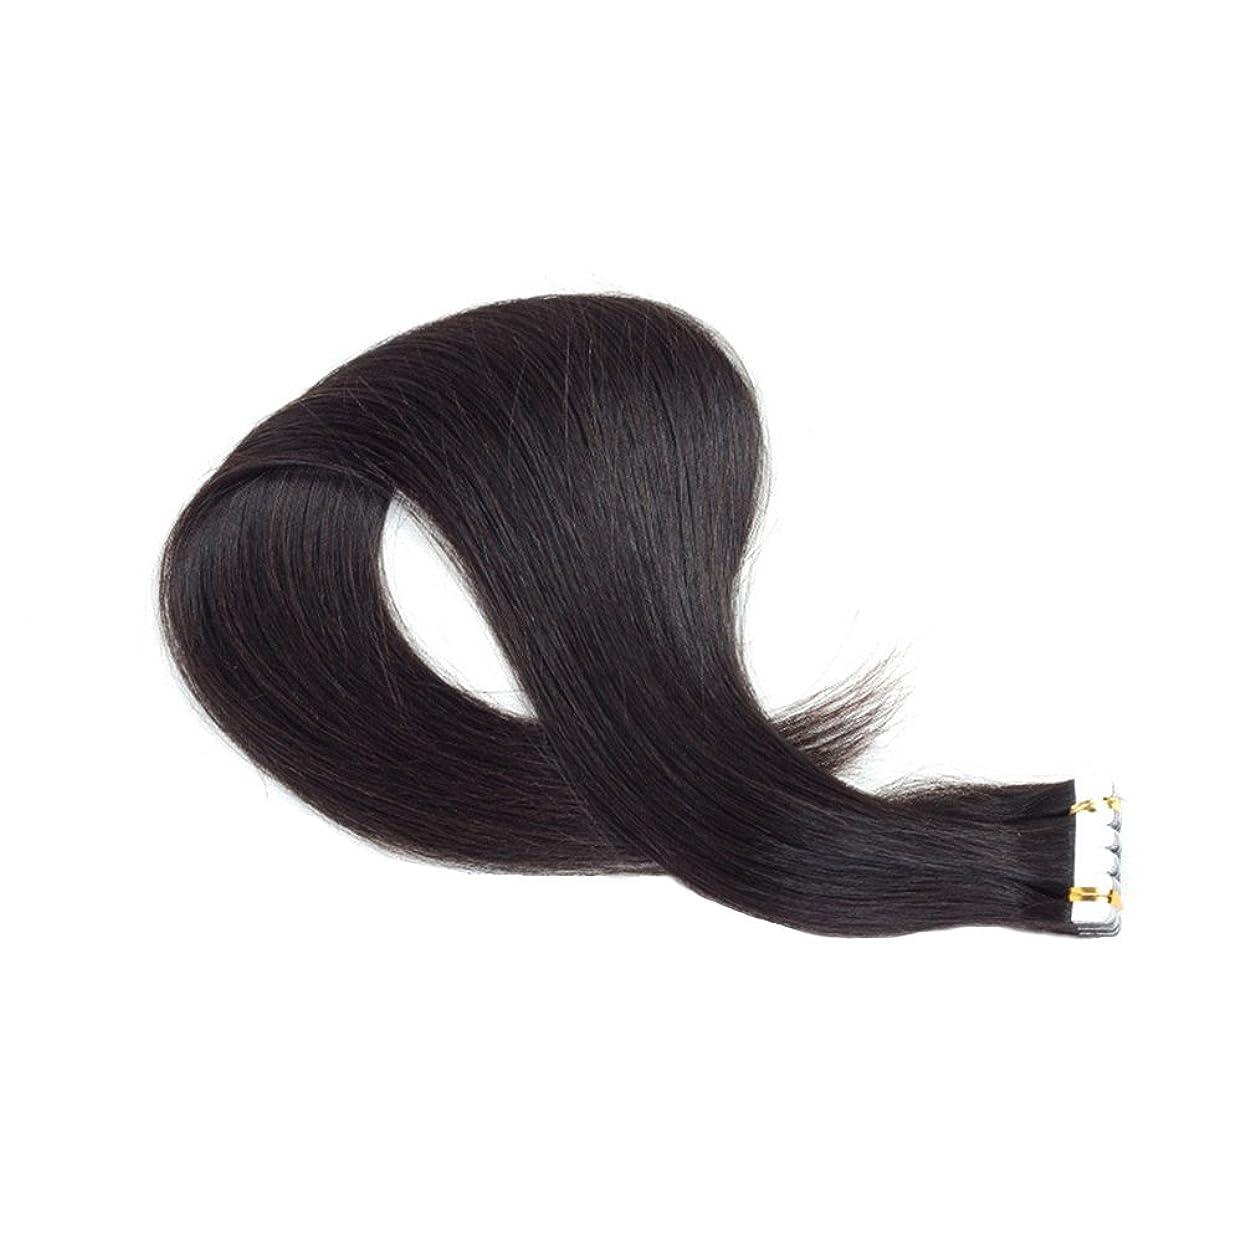 陰気ぶら下がる浮くHealifty 女性のための本物の人間の毛髪延長絹のようなストレートのヘアーテープ(黒レミーの髪)55CM